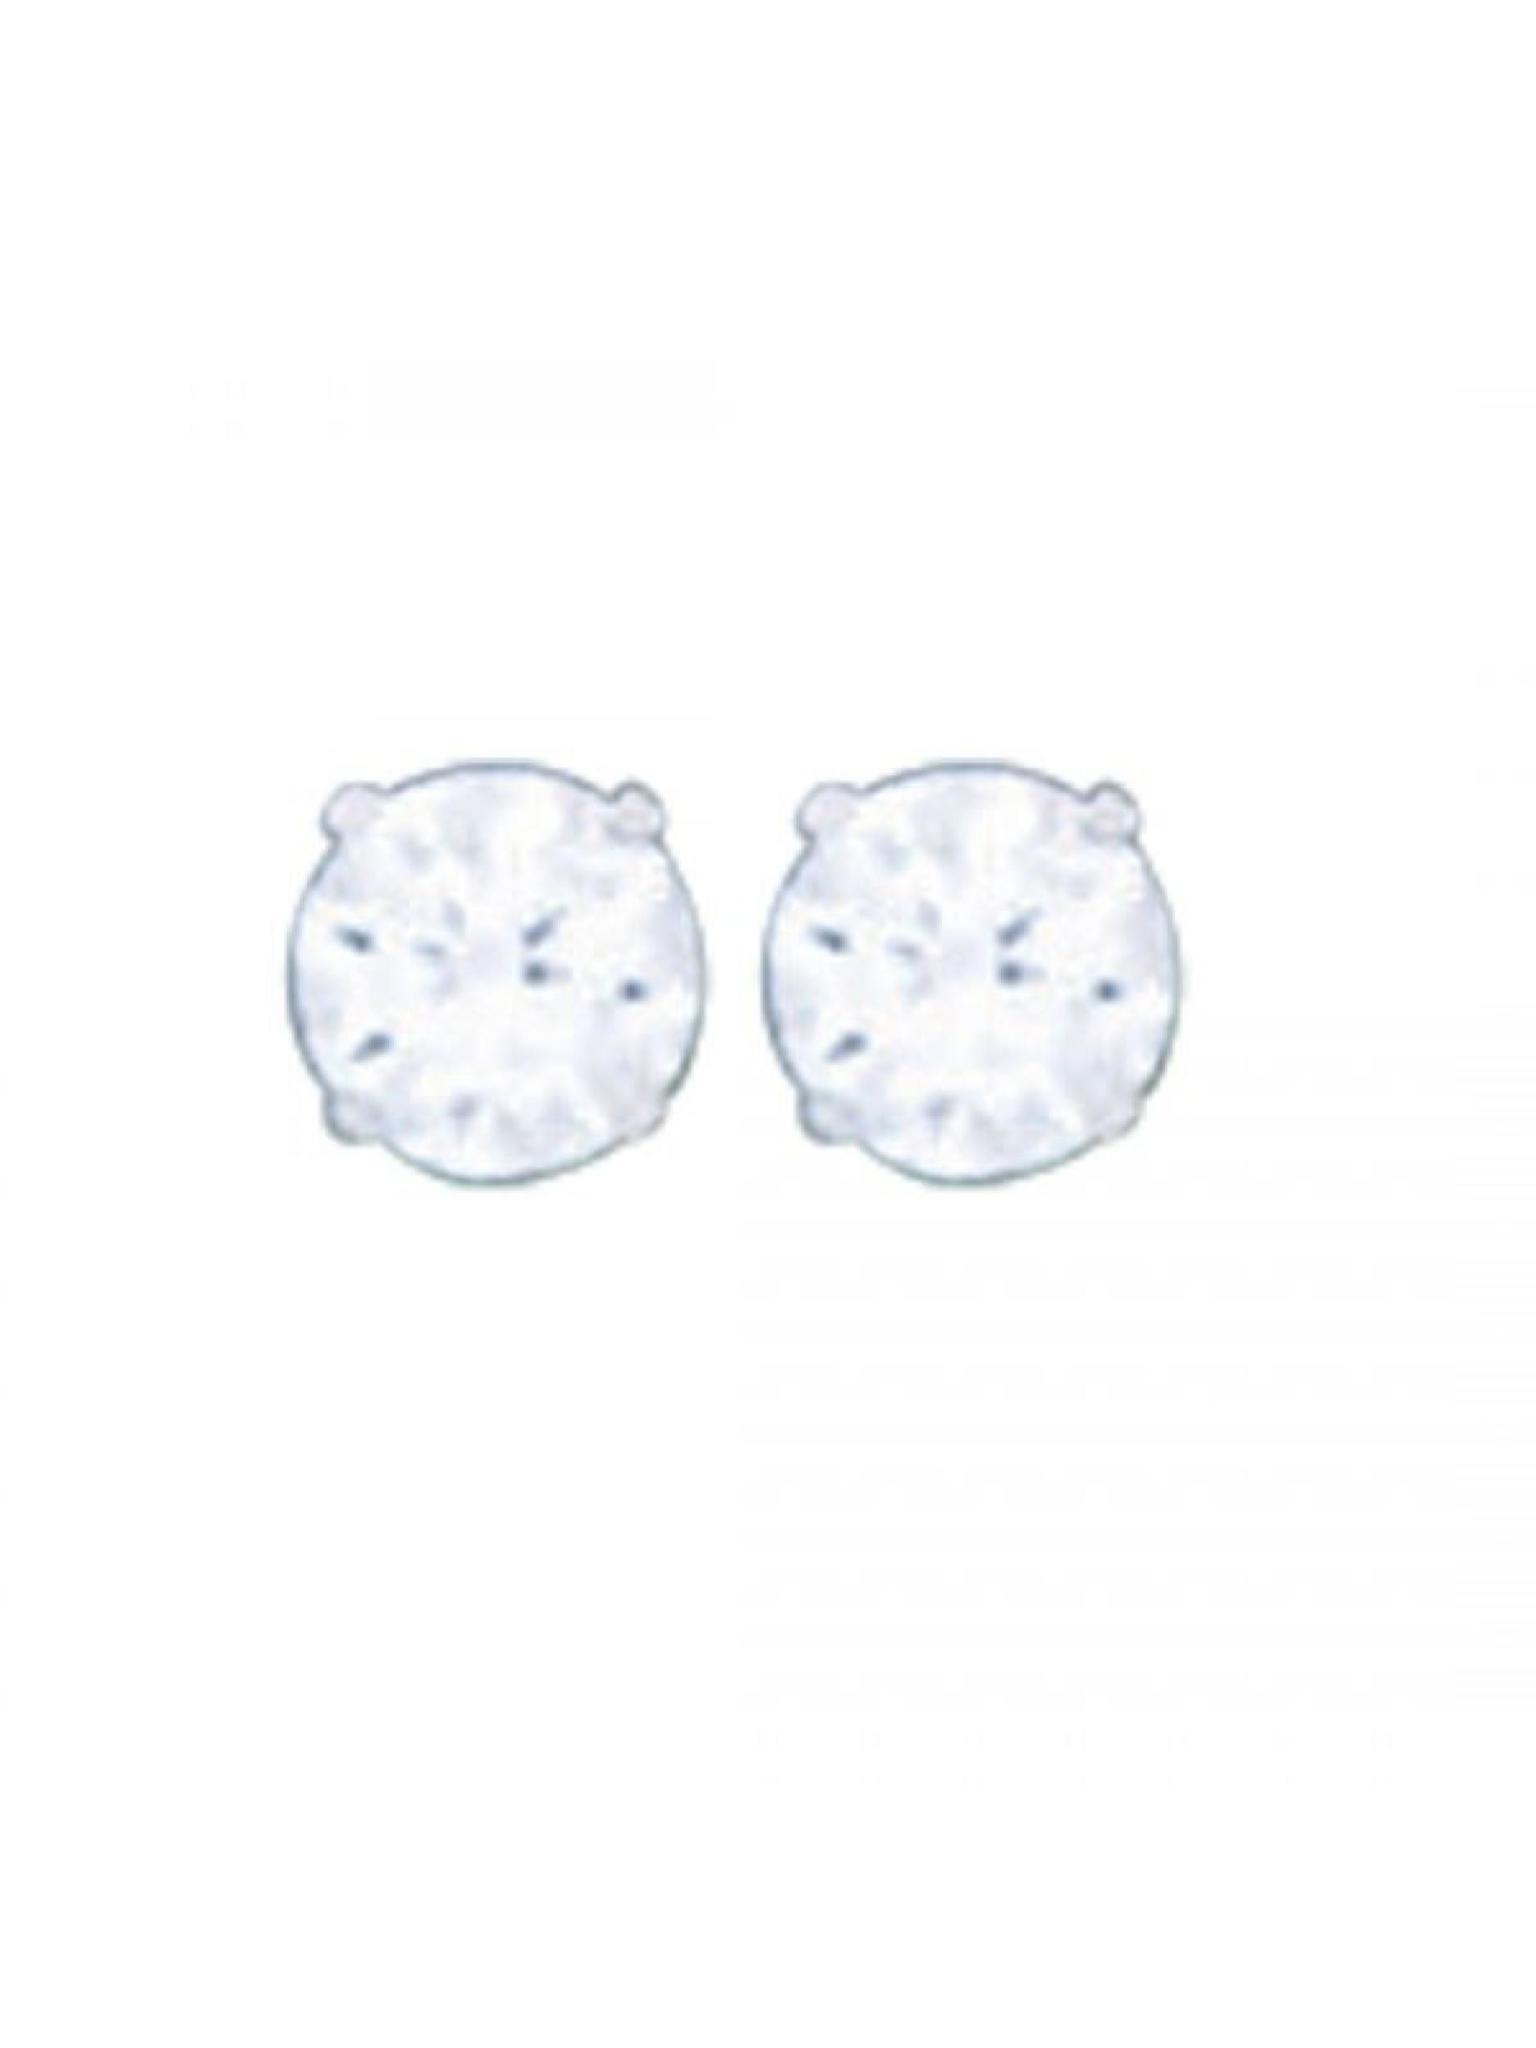 Acomo Jewelry 4mm Round Cubic Zirconium Stud Earring